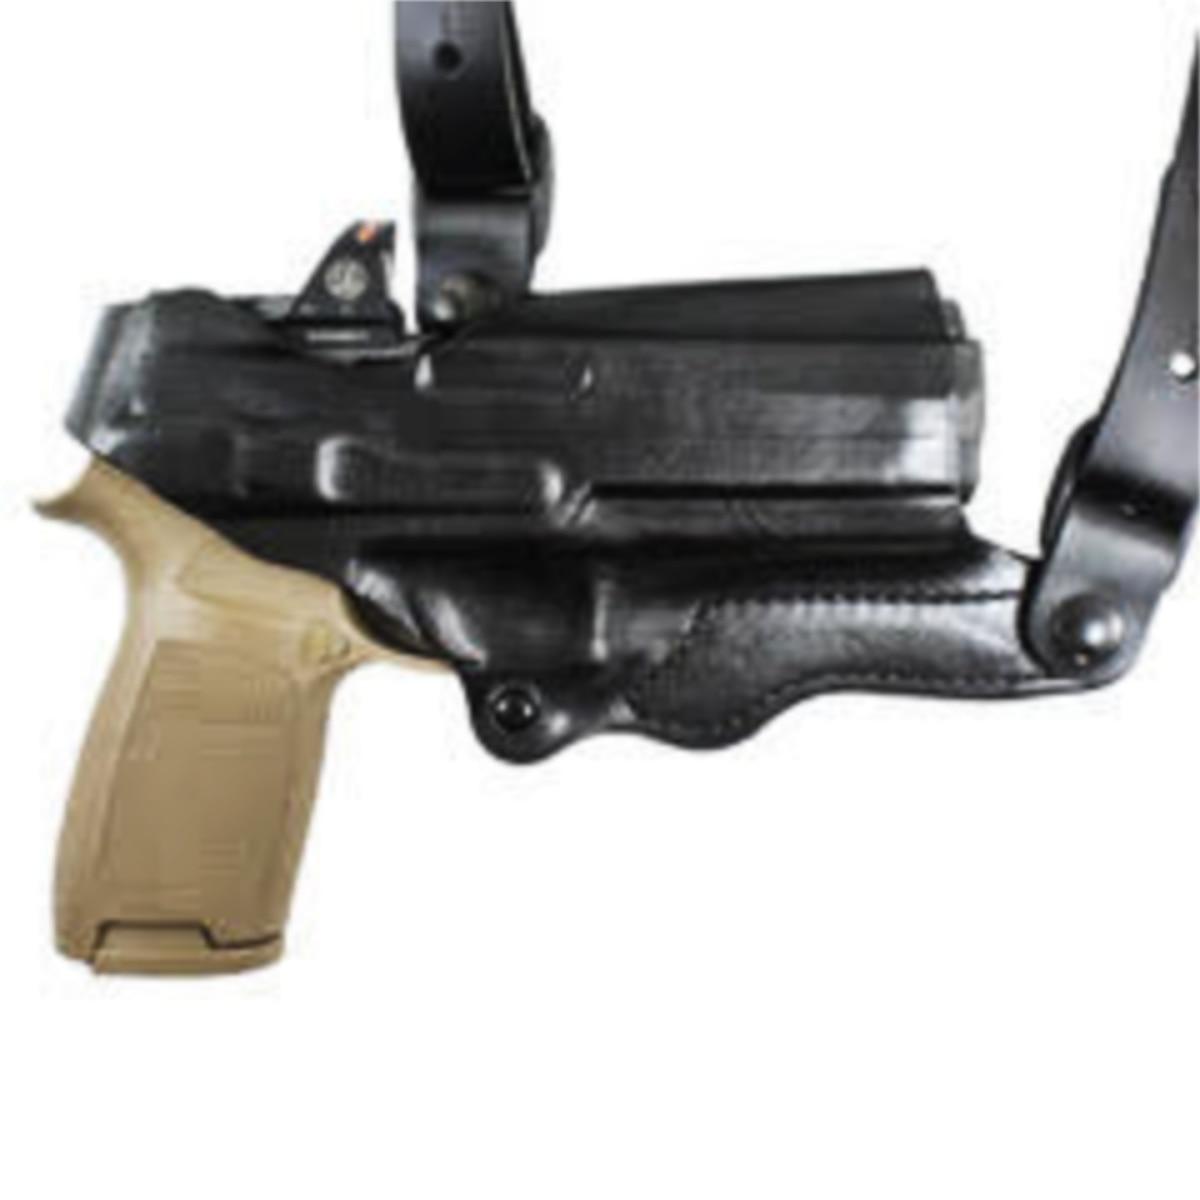 DeSantis Gunhide announces New York Undercover holster for